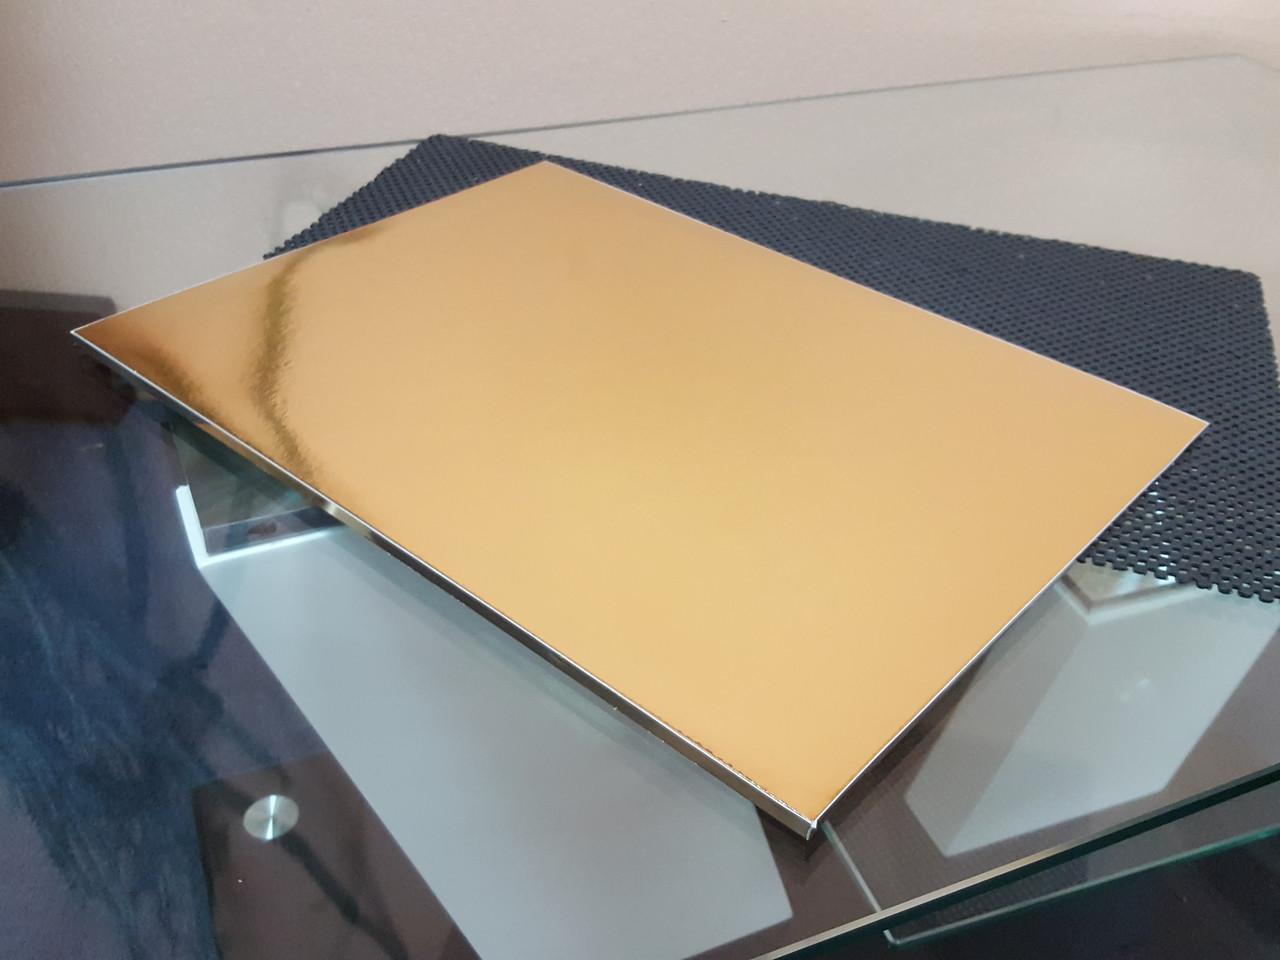 Подложка под торты уплотненная золото (8мм)450х650 мм